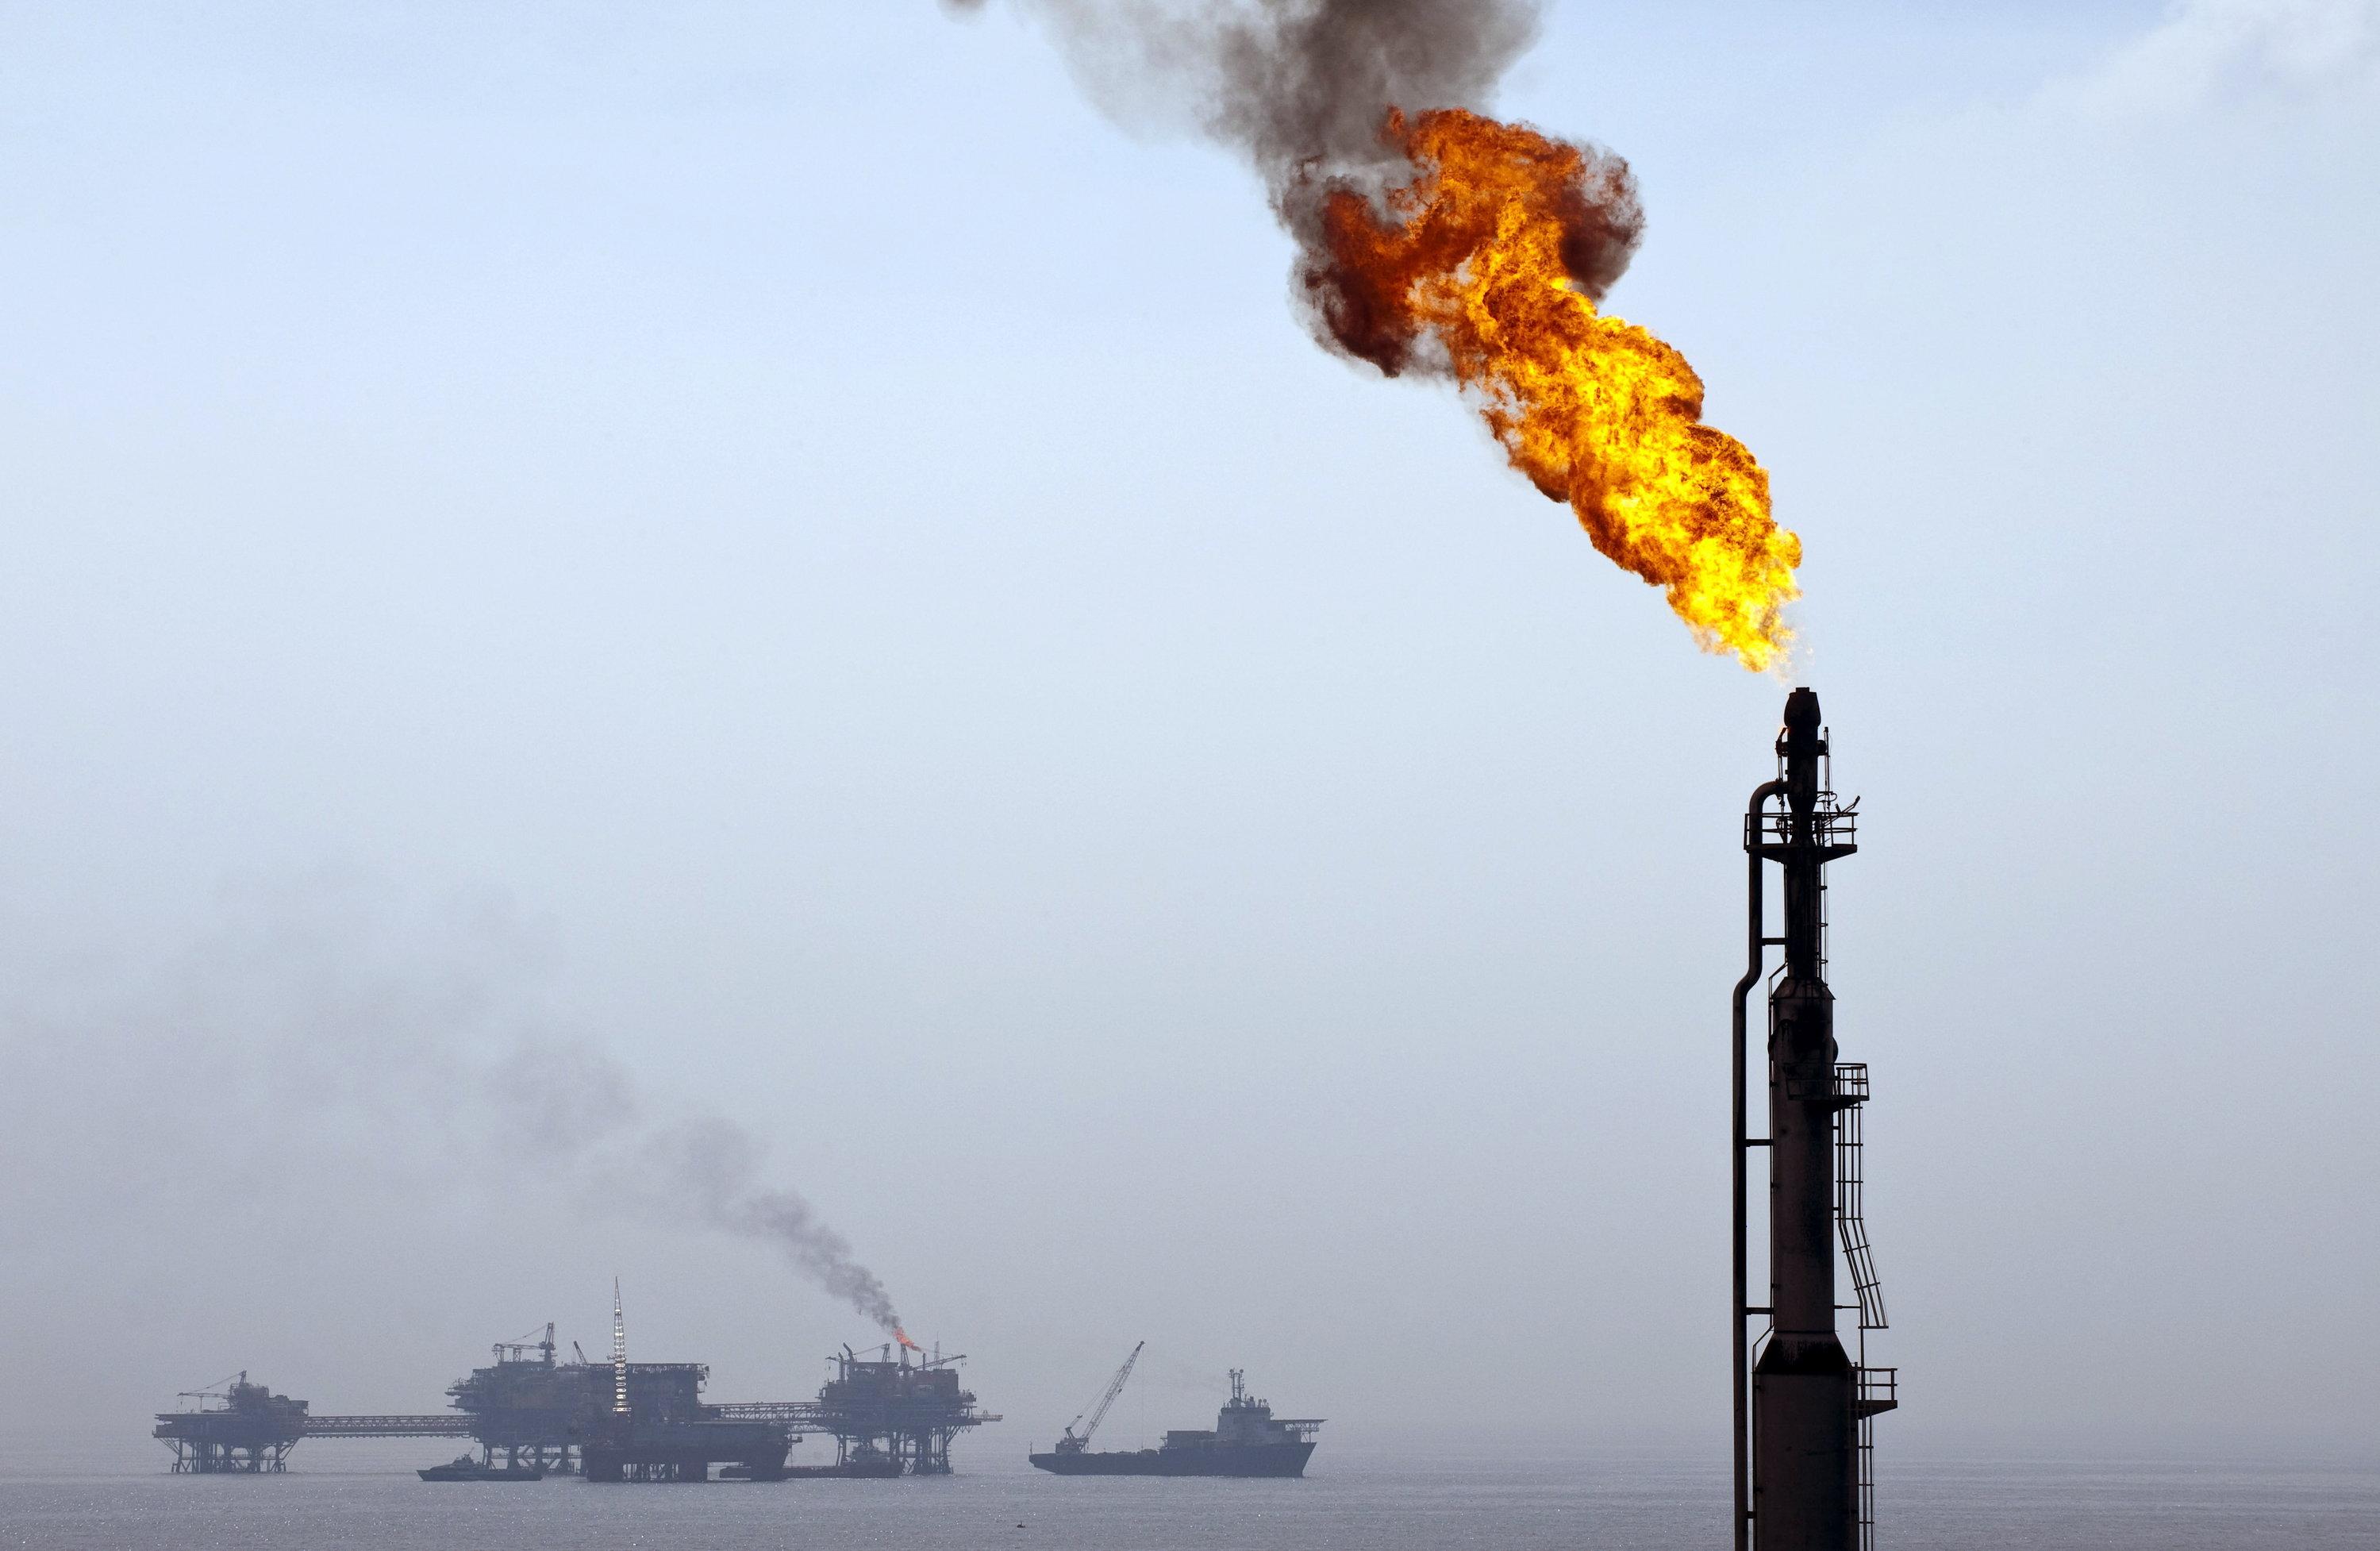 EEUU y México acuerdan explotar de forma conjunta el petróleo del Golfo